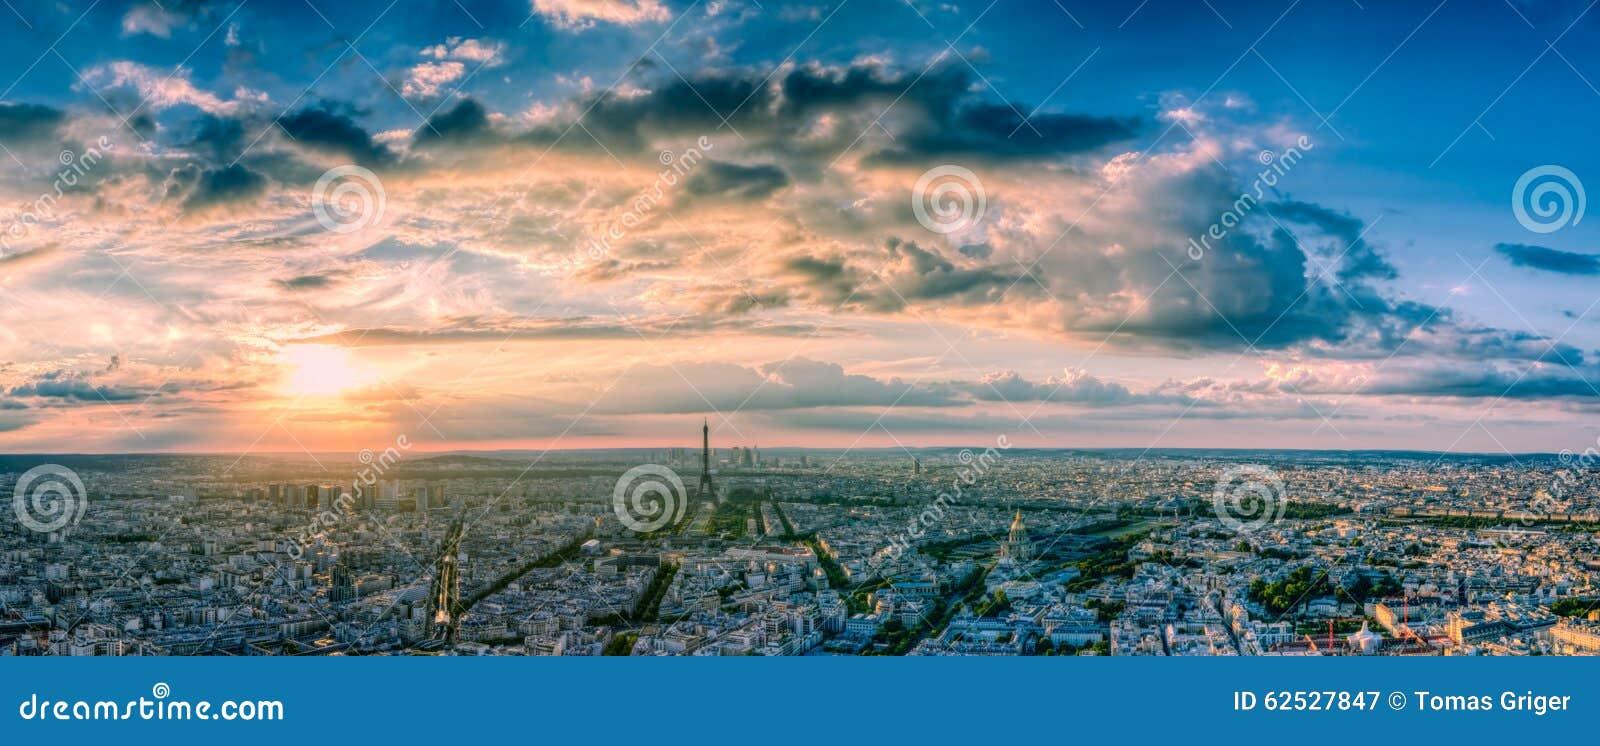 都市风景巴黎